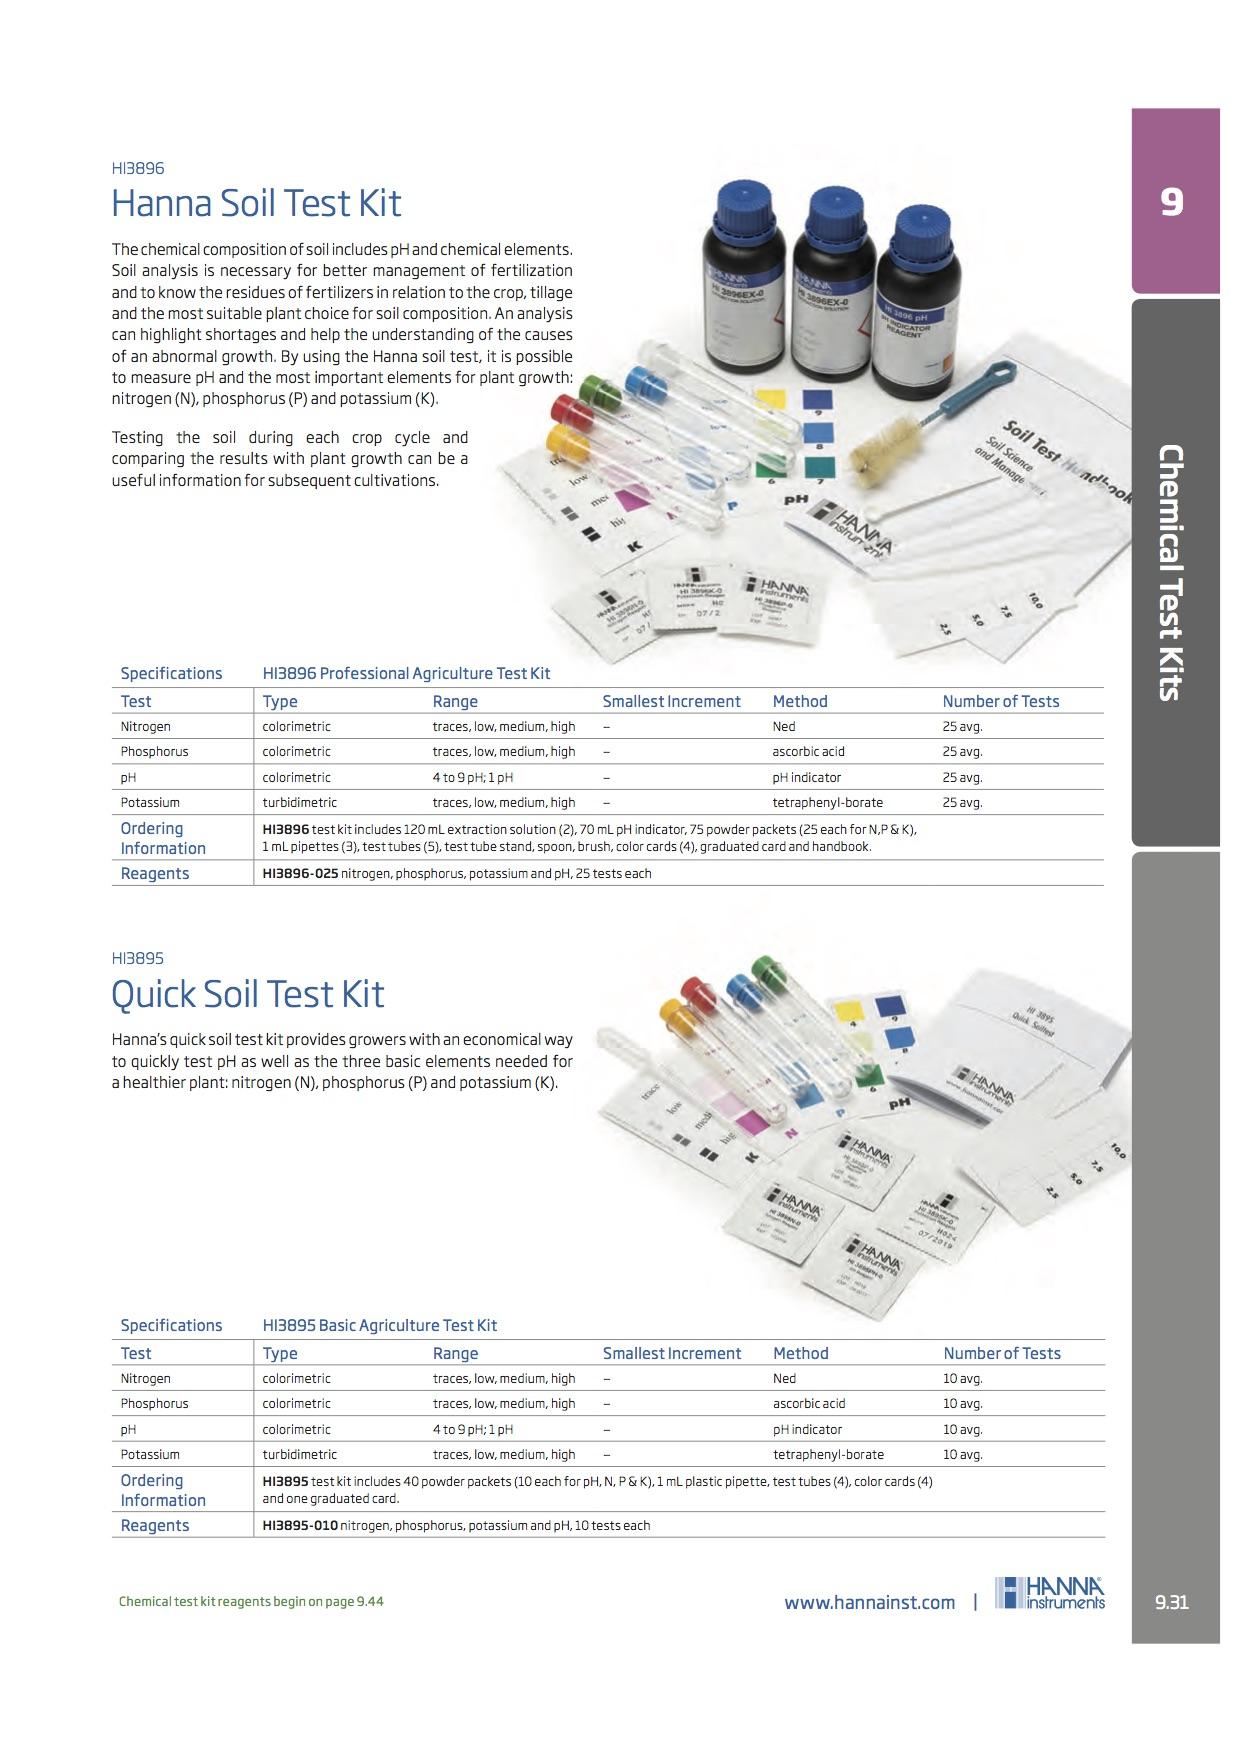 Hanna - Chemical Test Kits